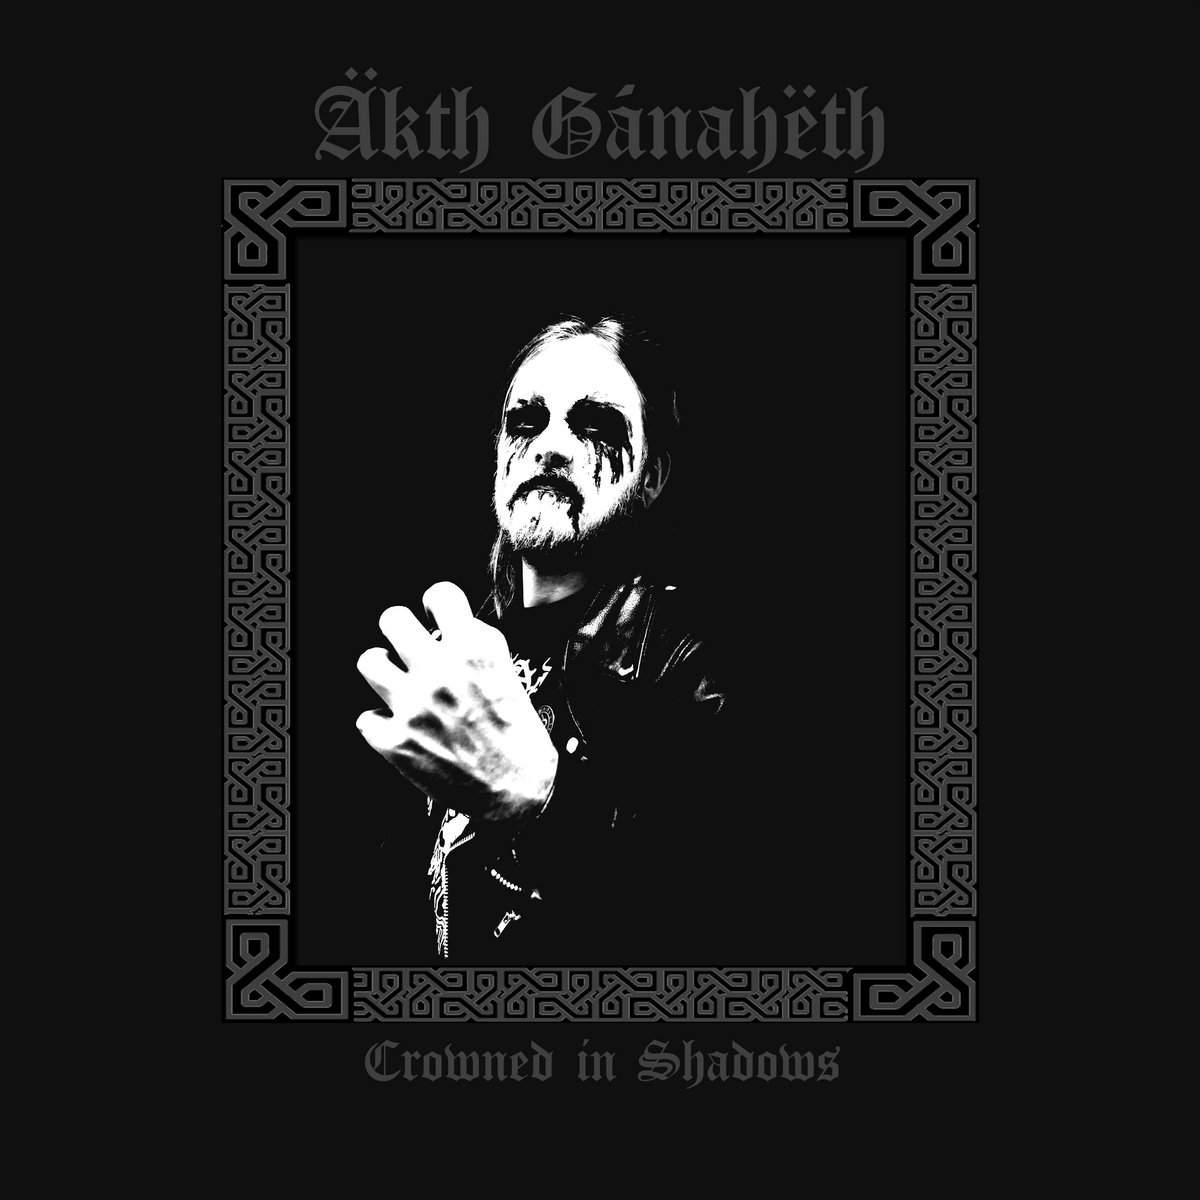 Äkth gánahëth – crowned in shadows